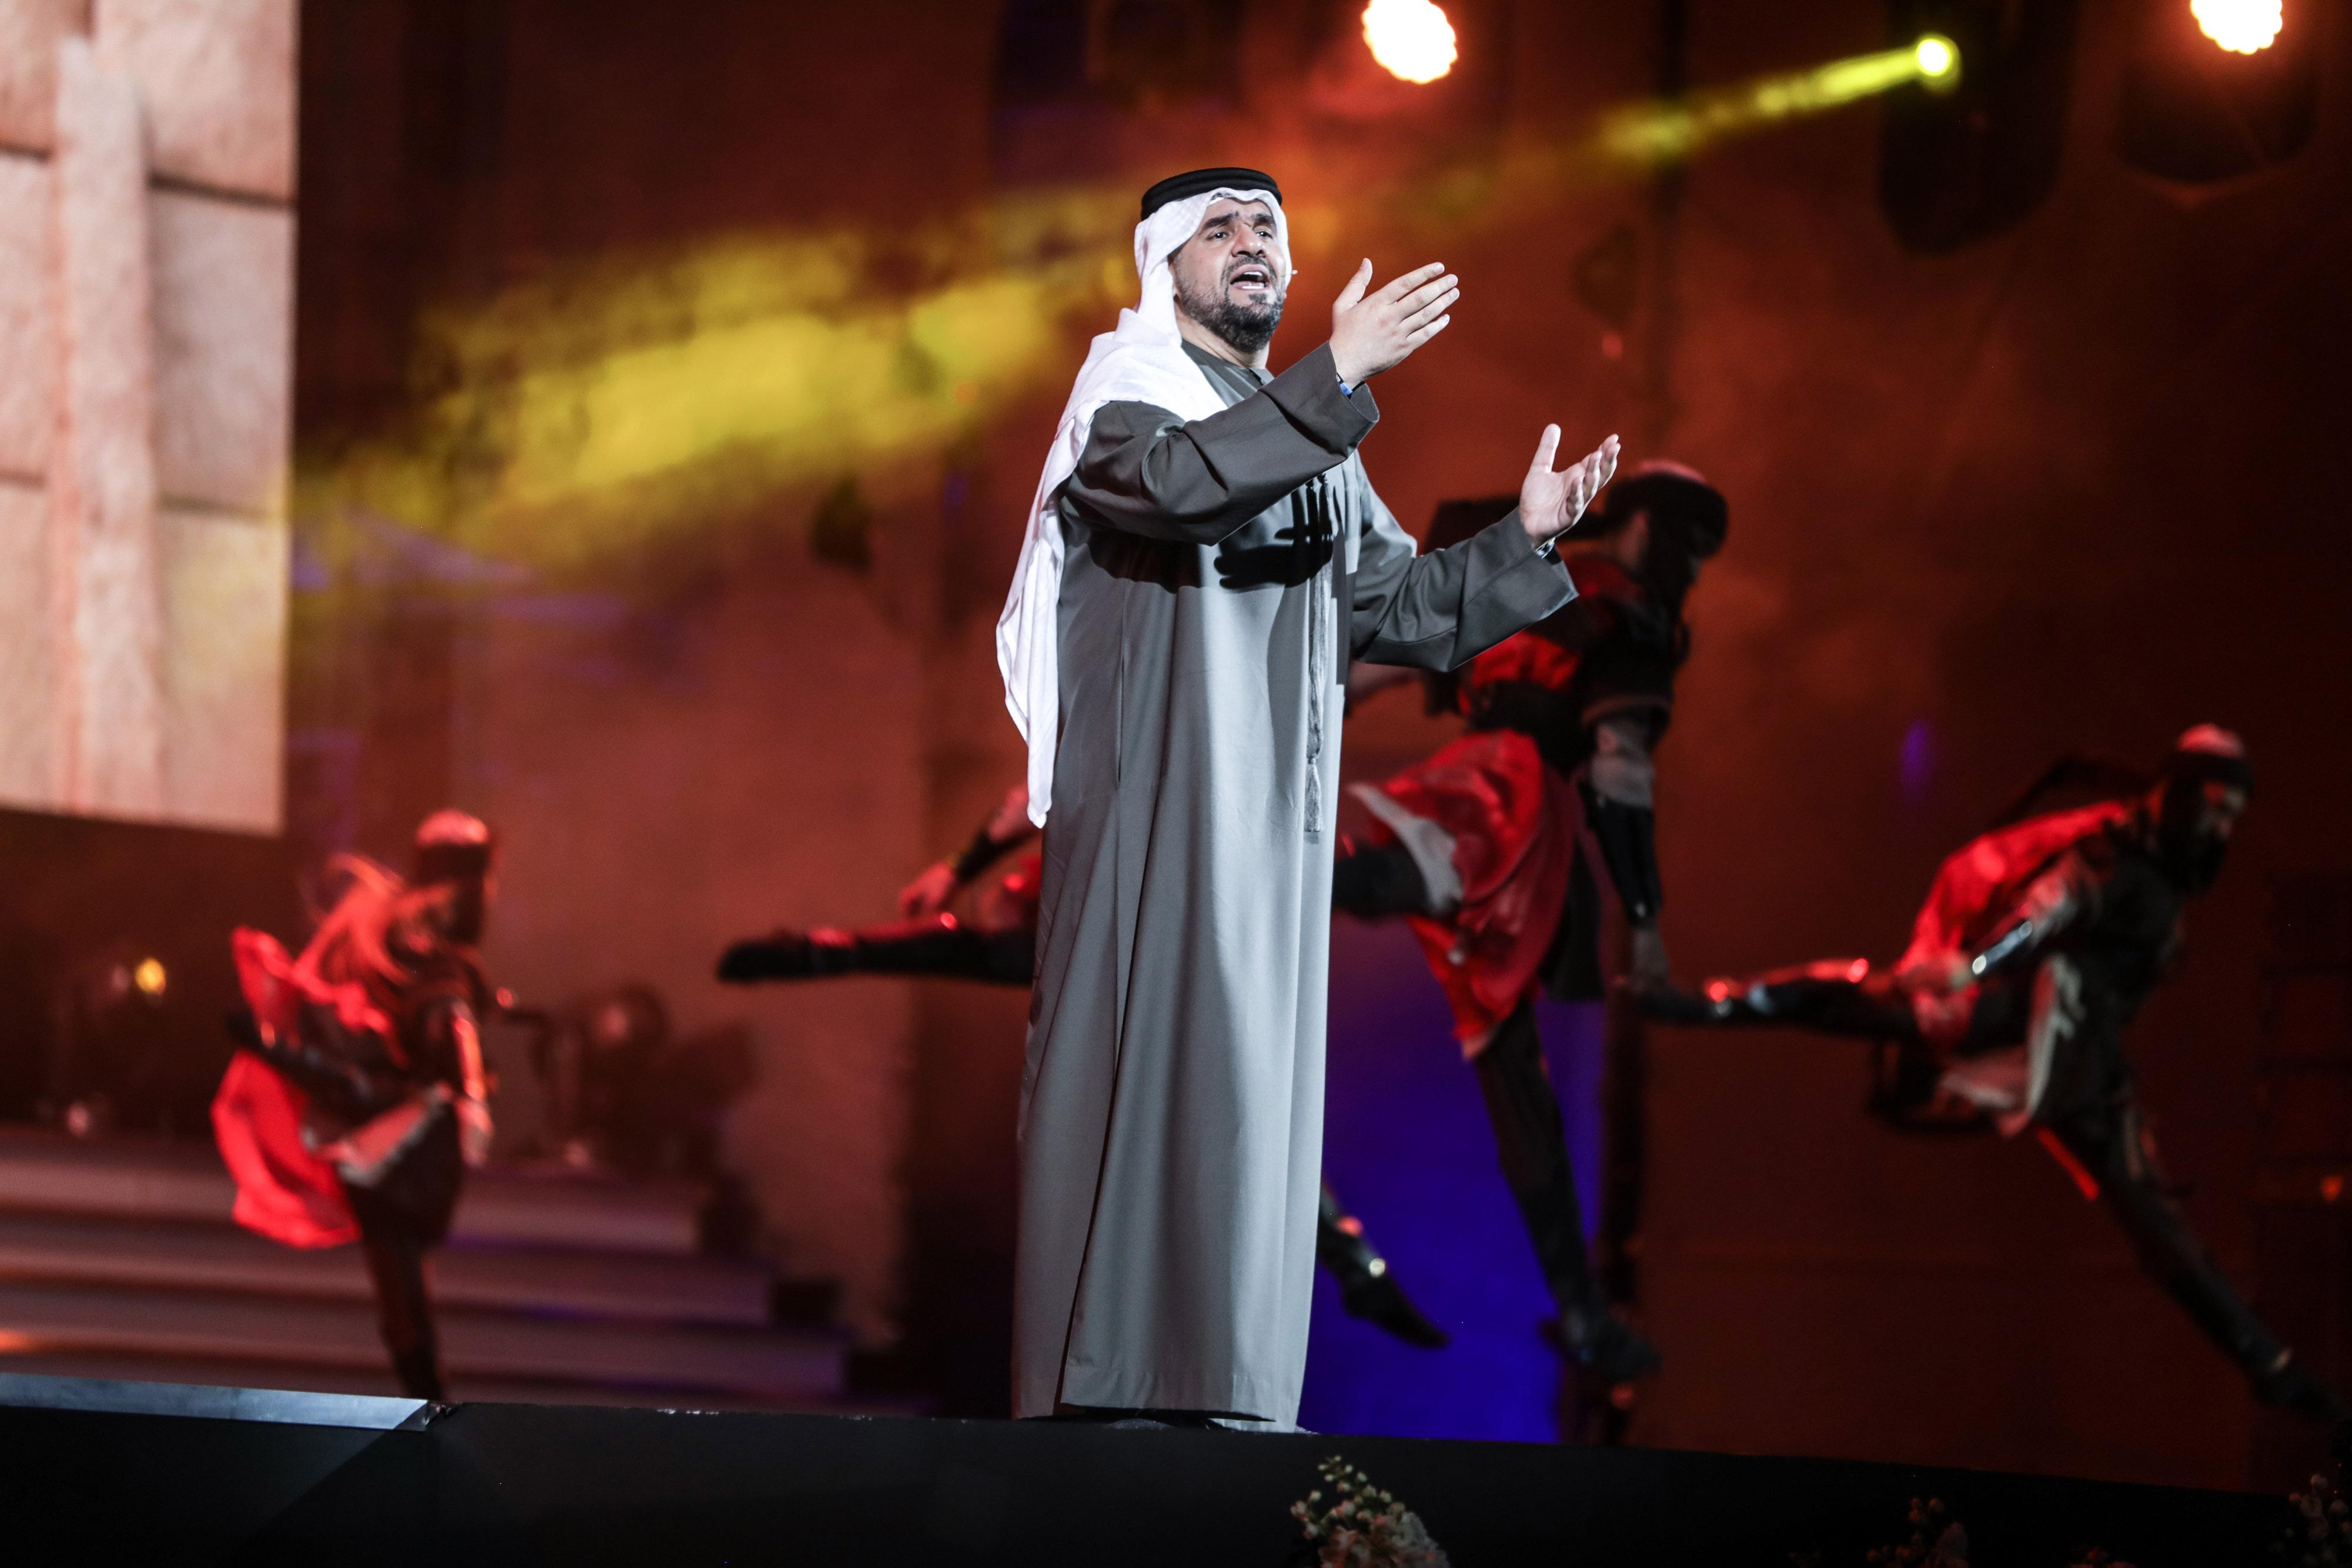 حسين الجسمي: مهرجان الفجيرة الدولي للفنون منبراً إماراتياً ودولياً متميزاً